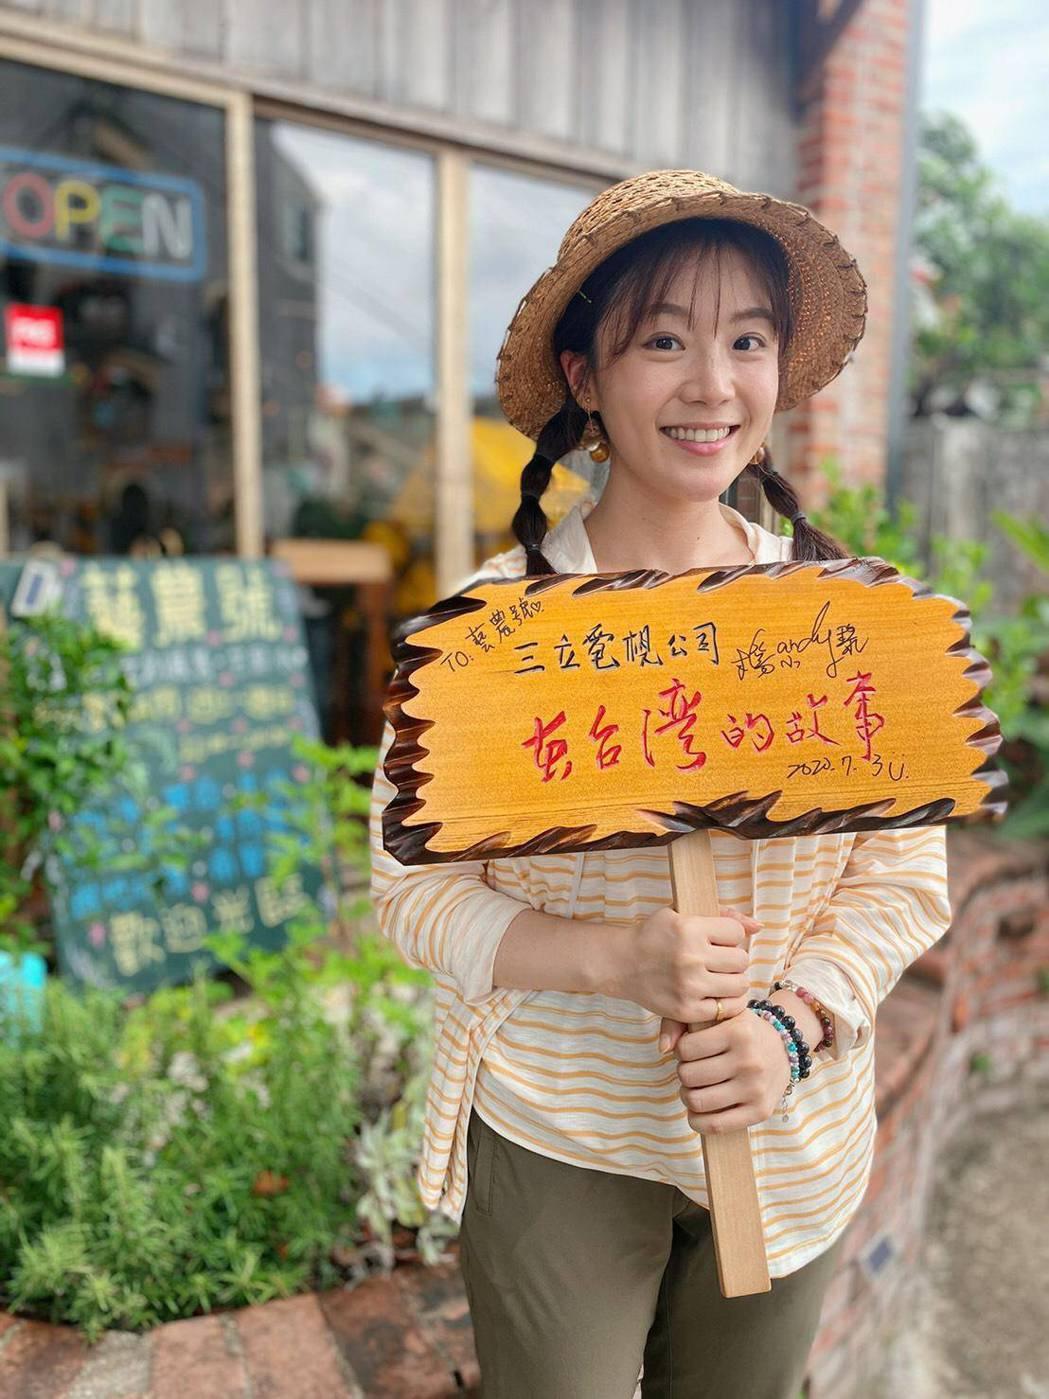 楊小黎代表節目送出自己簽名的木匾。圖/楊小黎提供